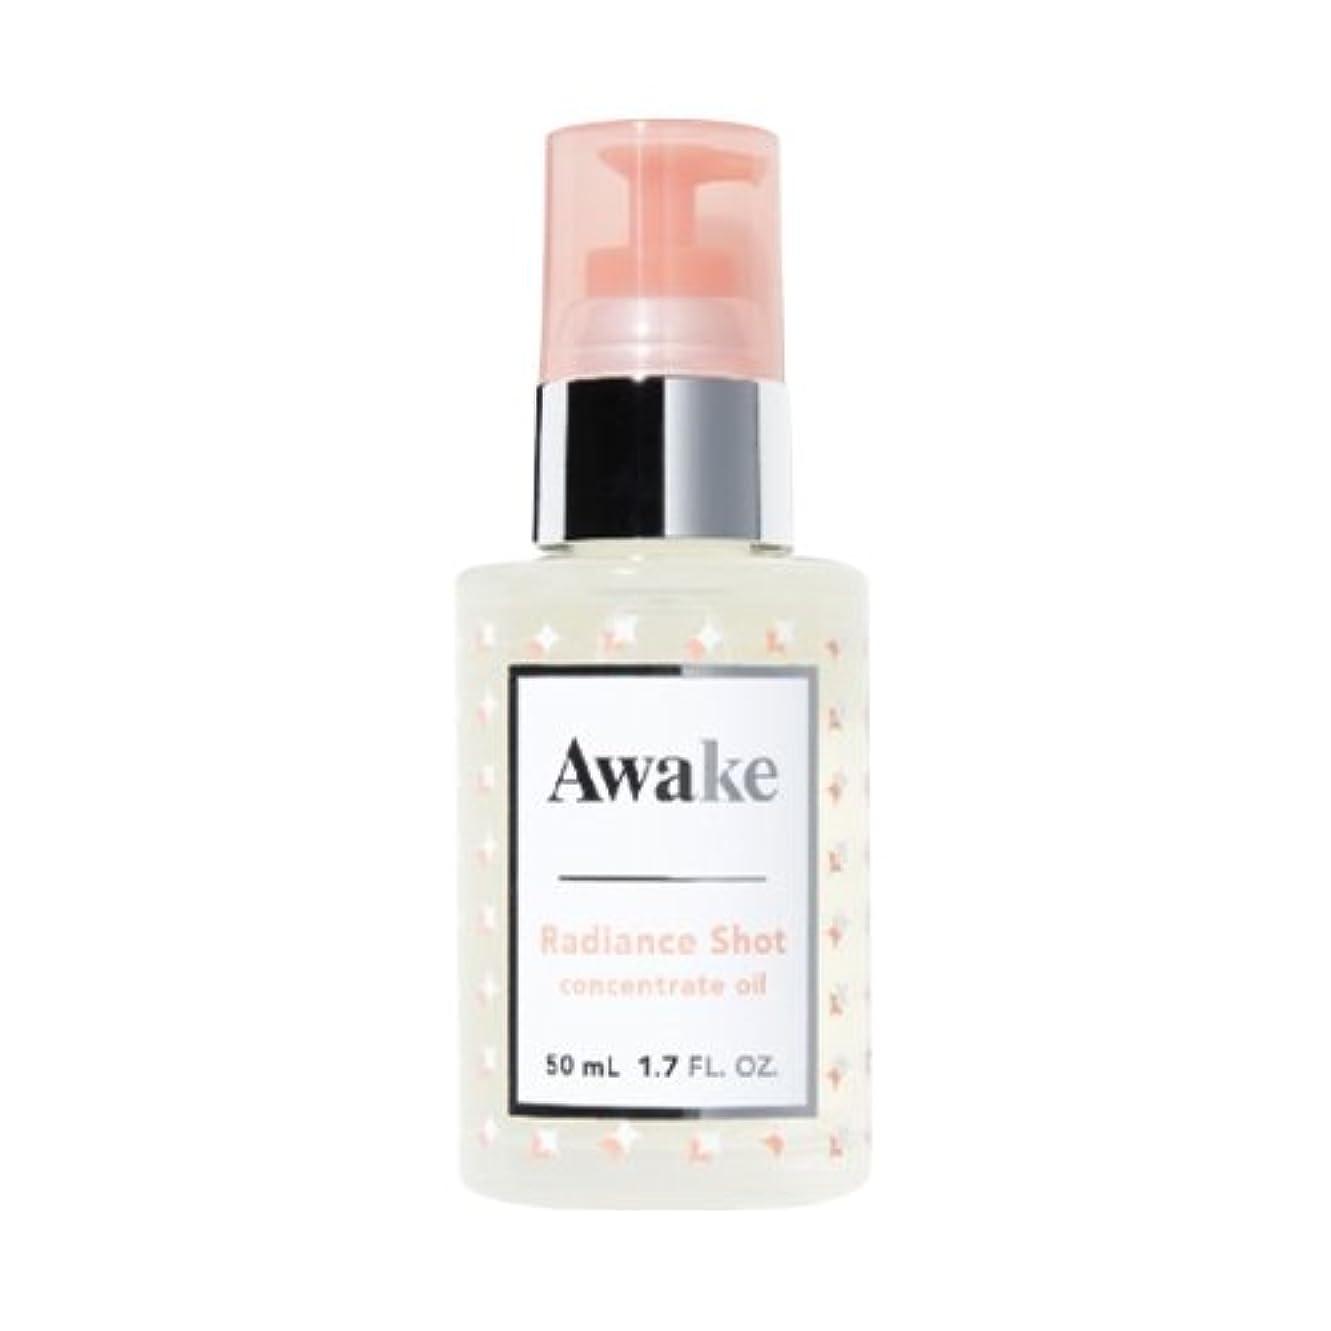 触手月延期するアウェイク(AWAKE) Awake(アウェイク) ラディアンスショット コンセントレイトオイル 〈美容オイル〉 (50mL)